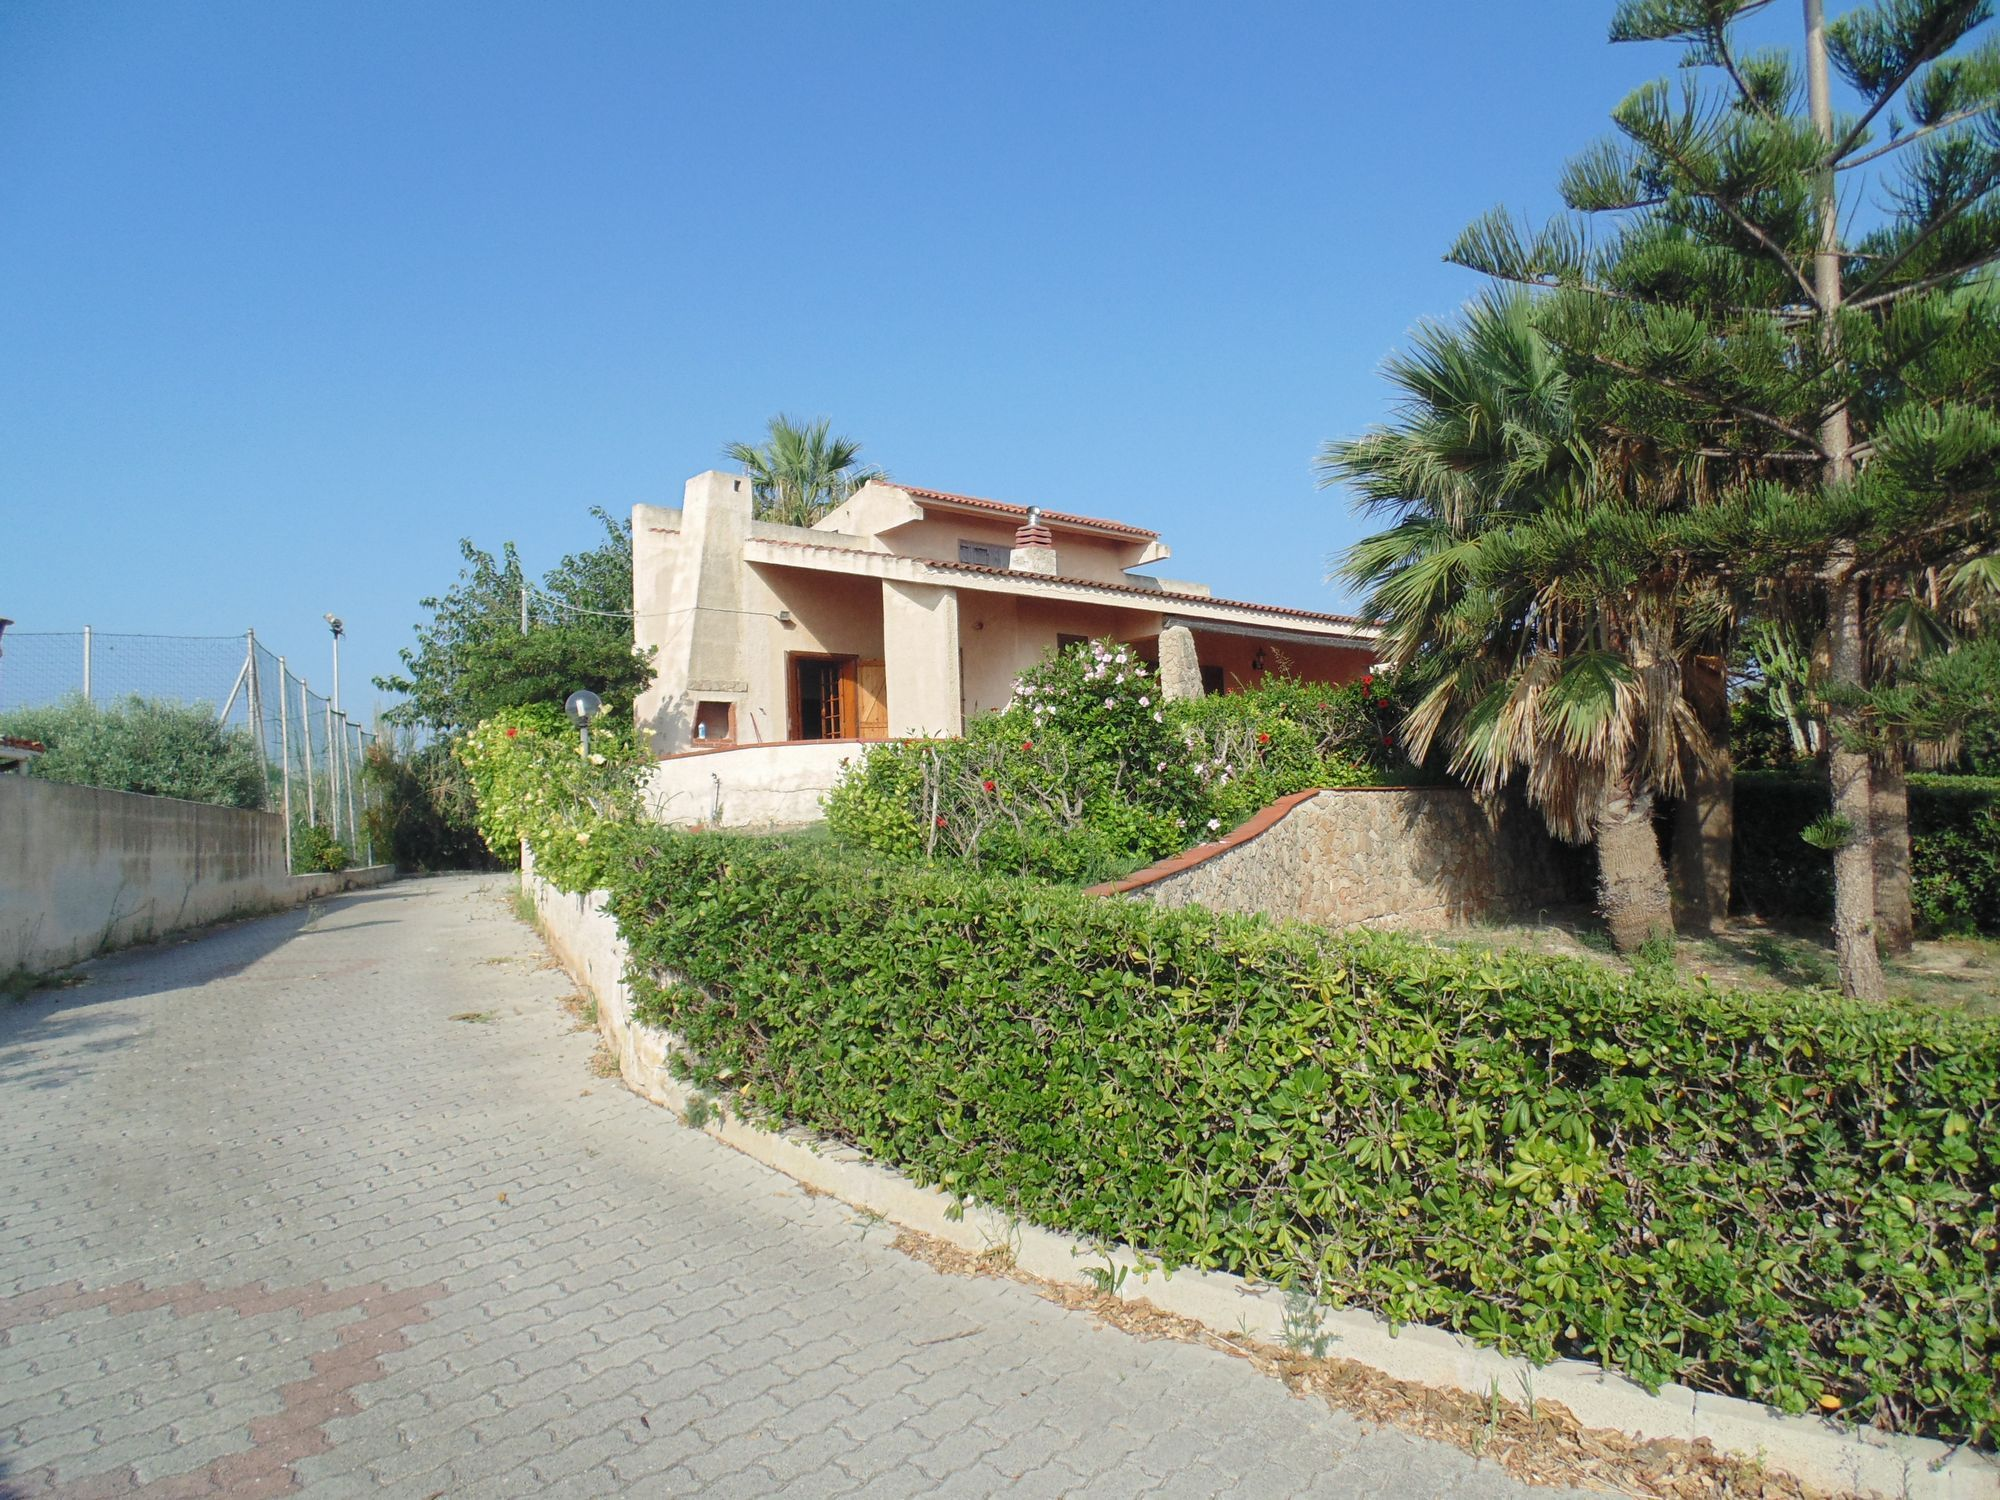 Villa fronte mare con terreno di pertinenza di circa mq 2500. L